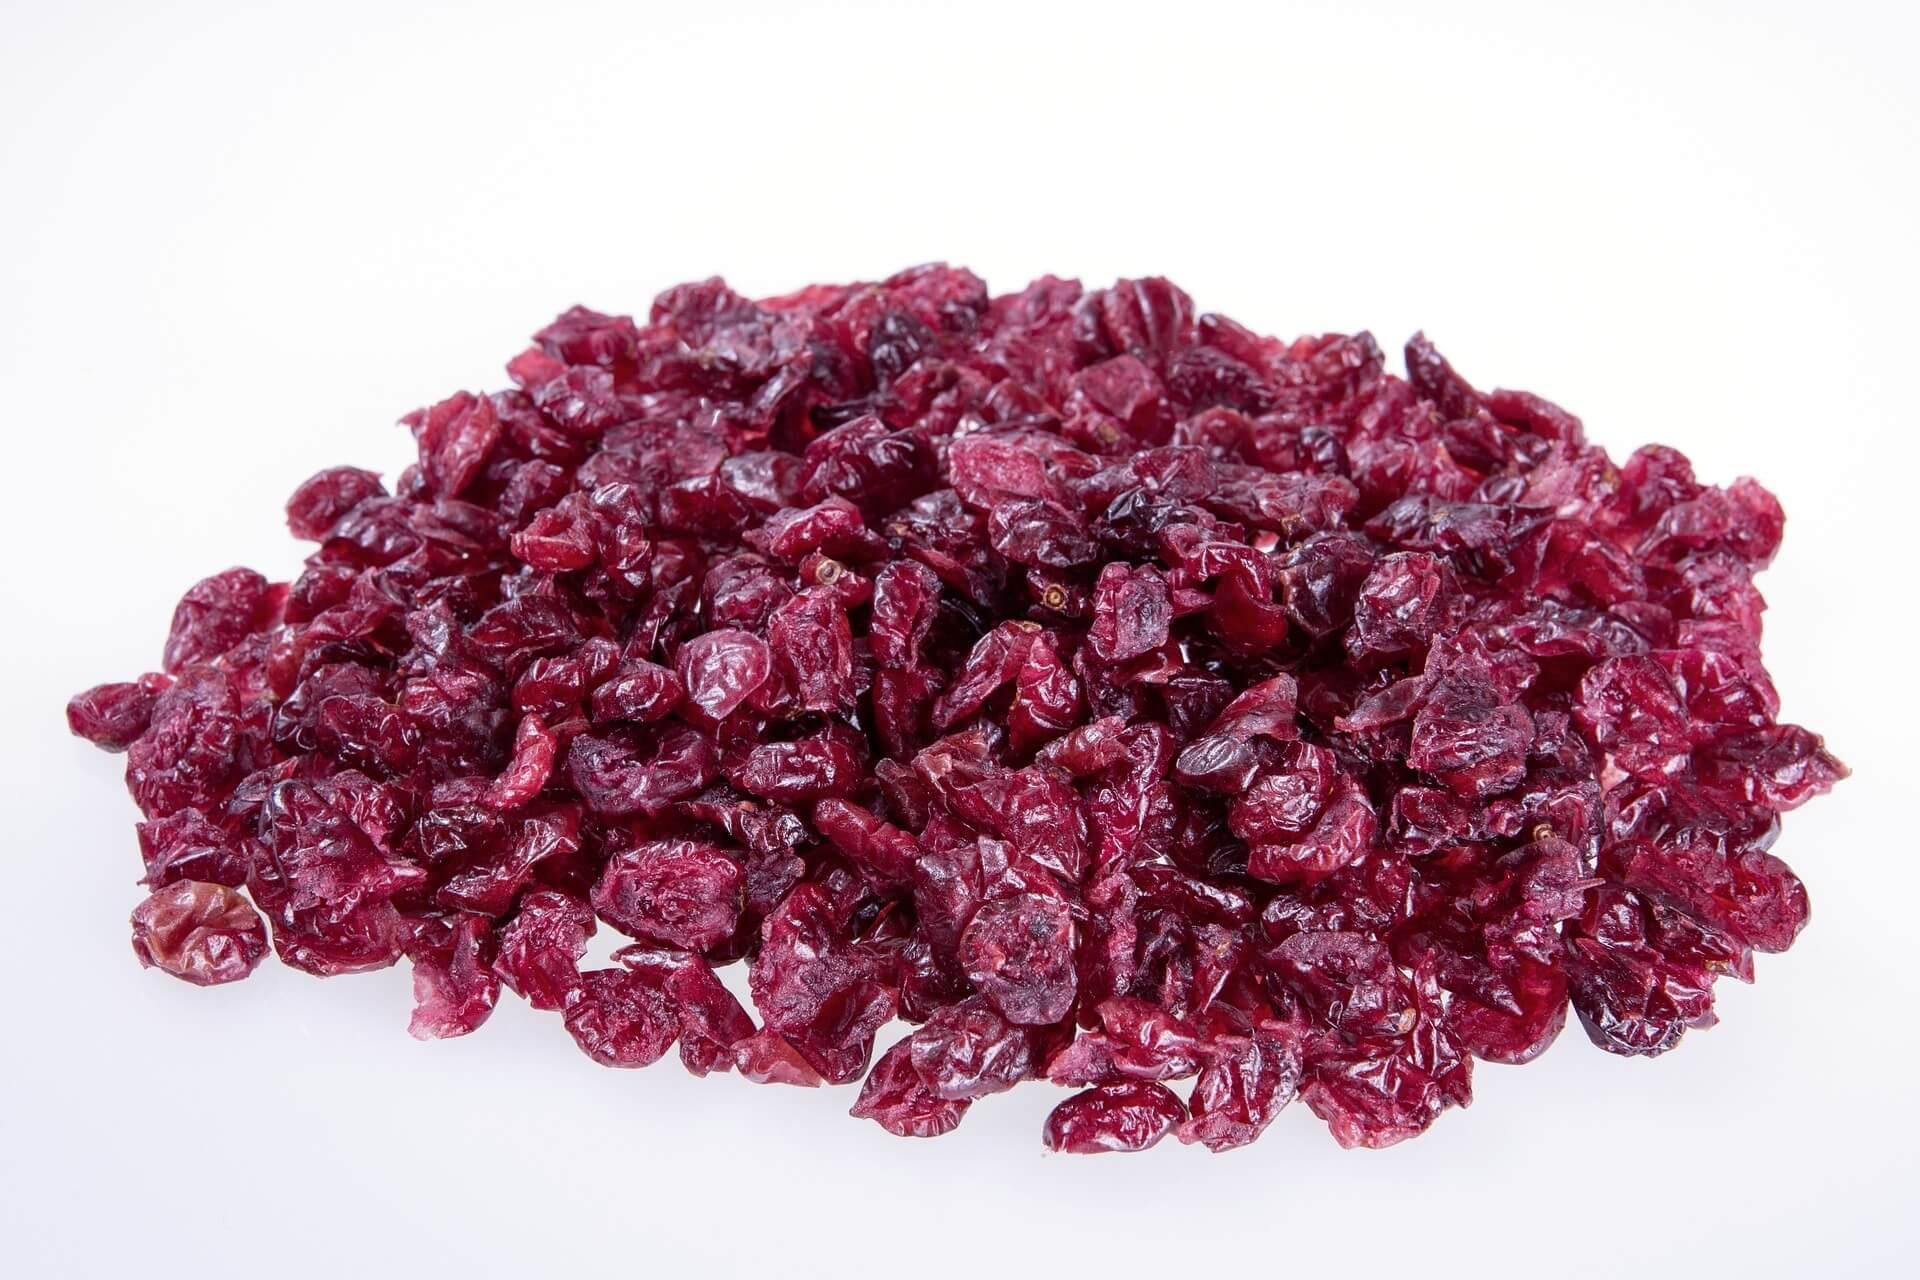 cranberries-natural-2290076_1920-1.jpg